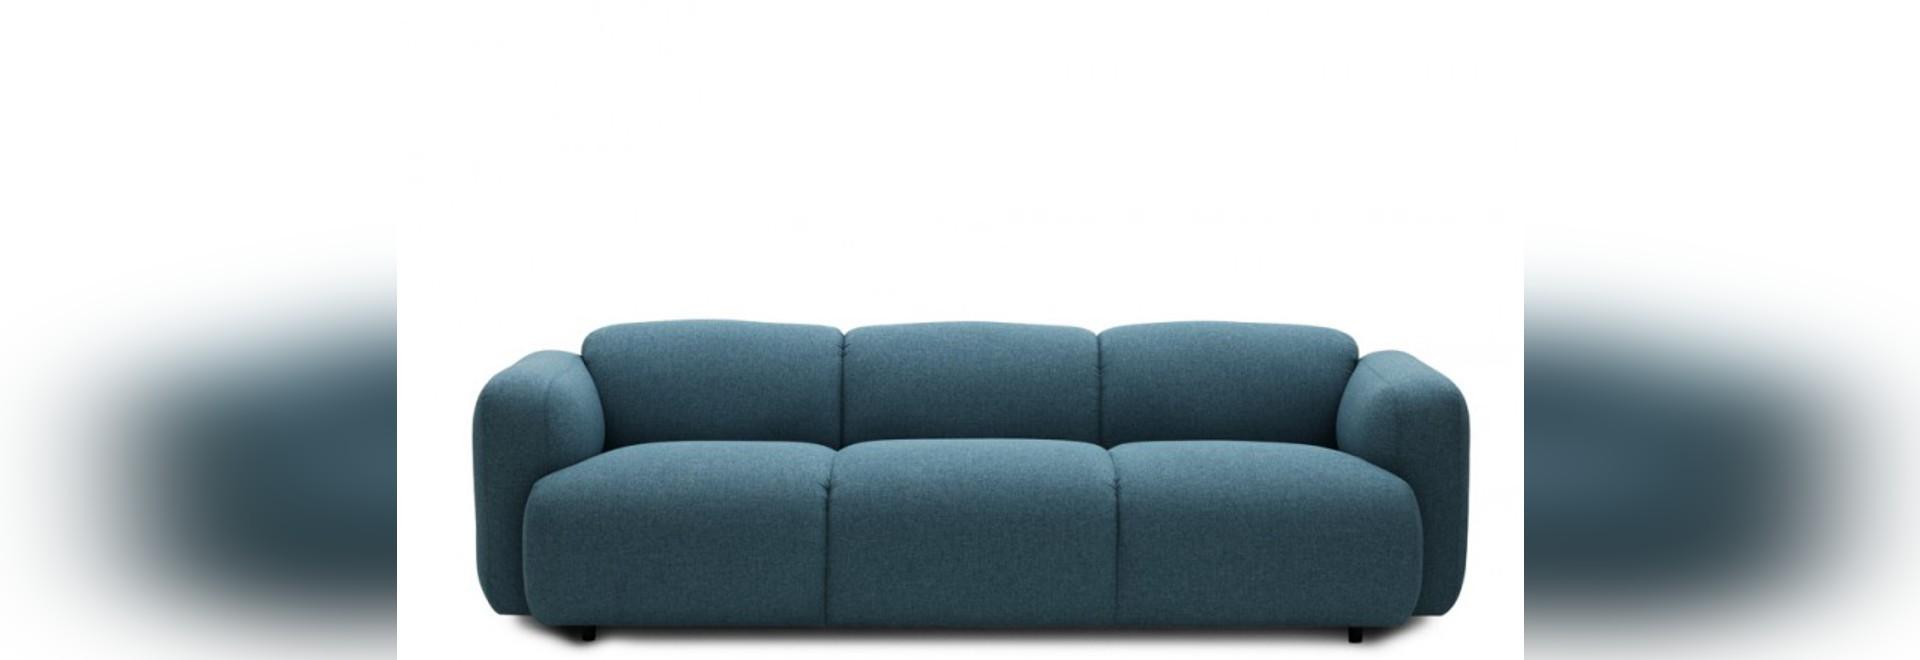 Sofa Kopenhagen swell sofa by jonas wagell for normann copenhagen østerbrogade 70